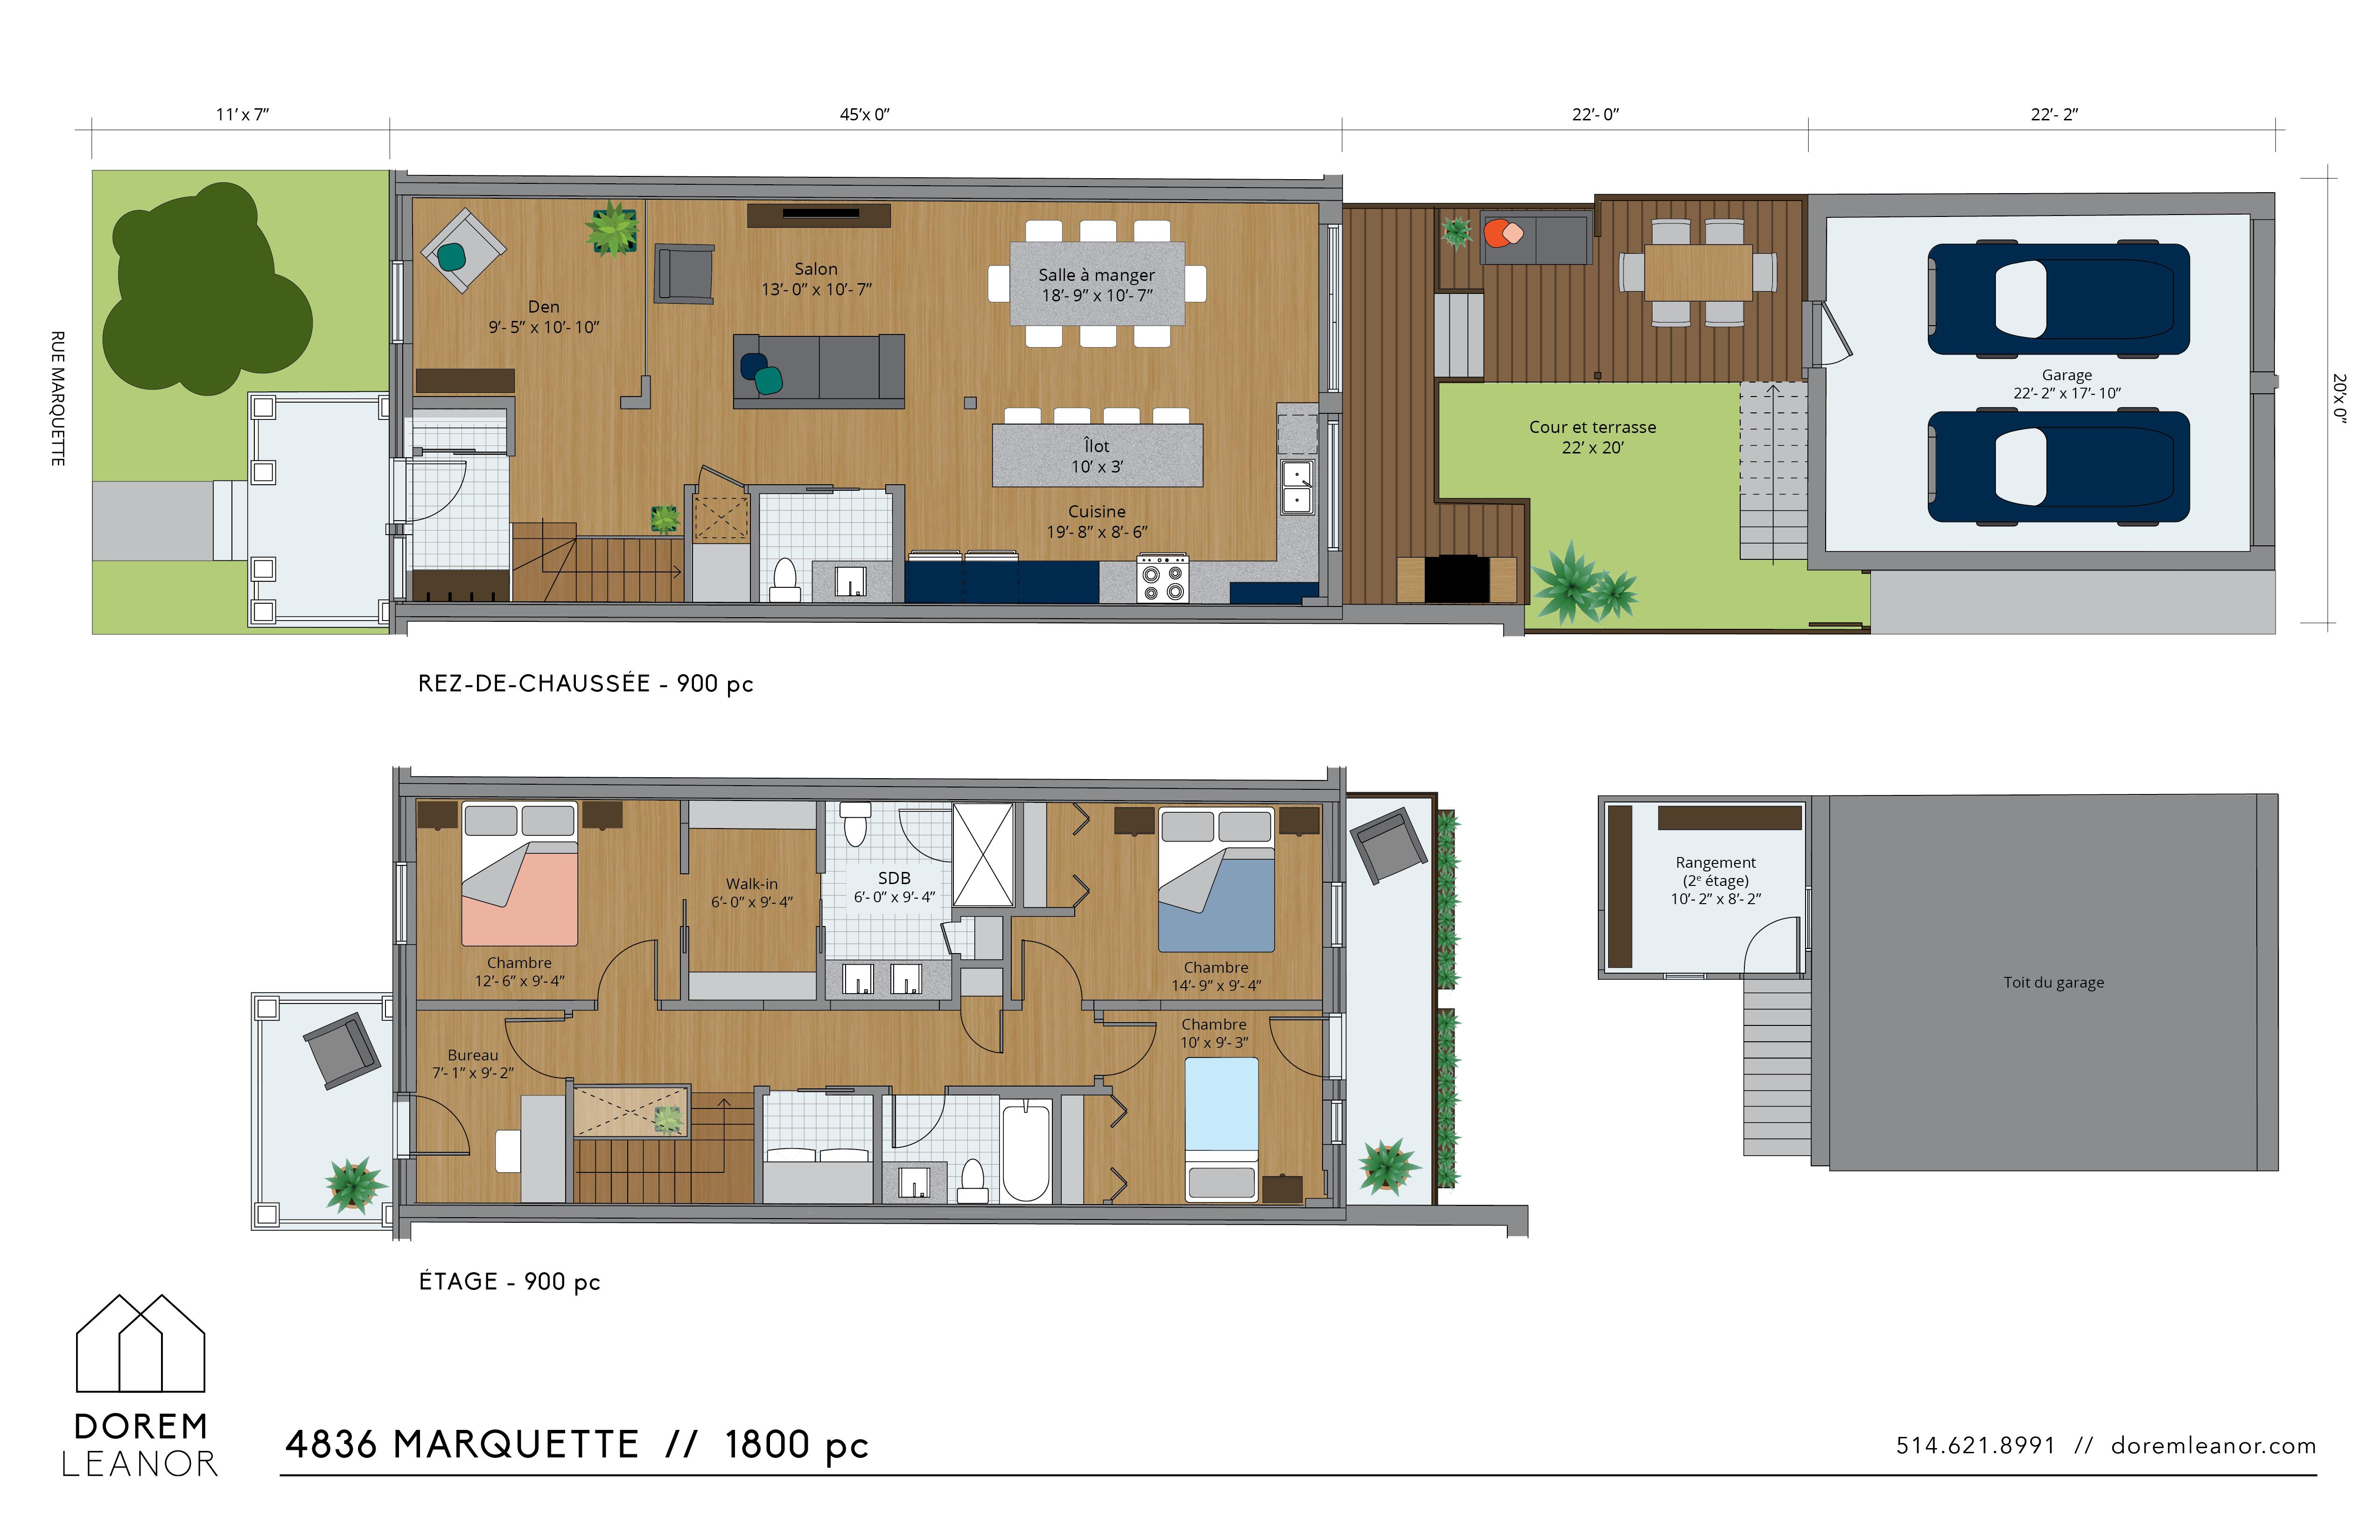 Plan vente Marquette